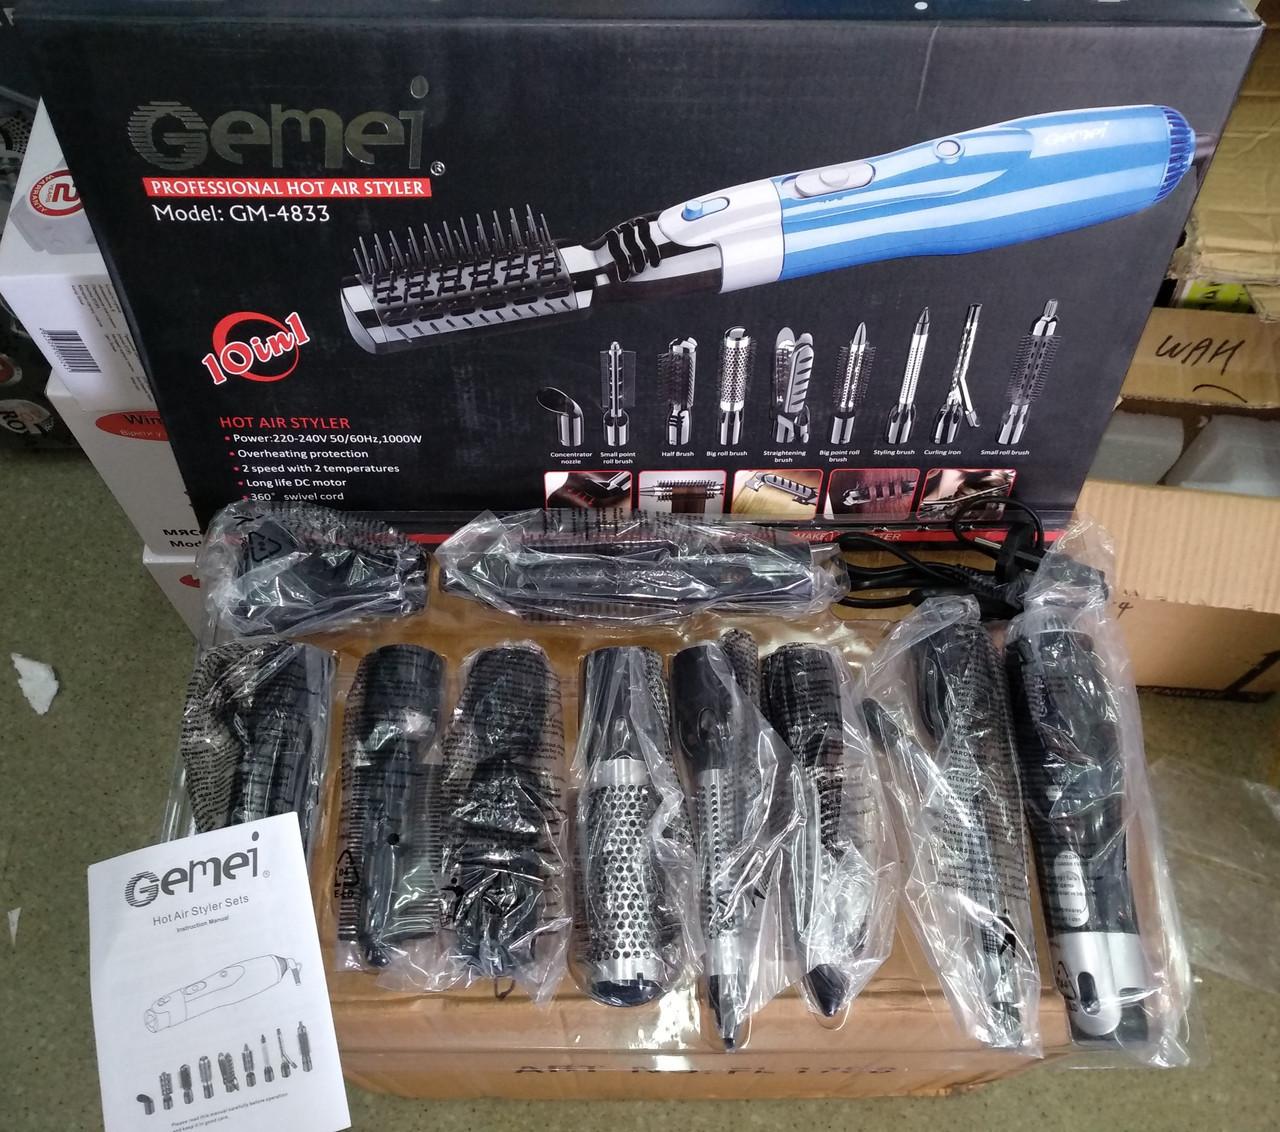 🔥 Воздушный стайлер для волос 9 в 1 Gemei GM-4833